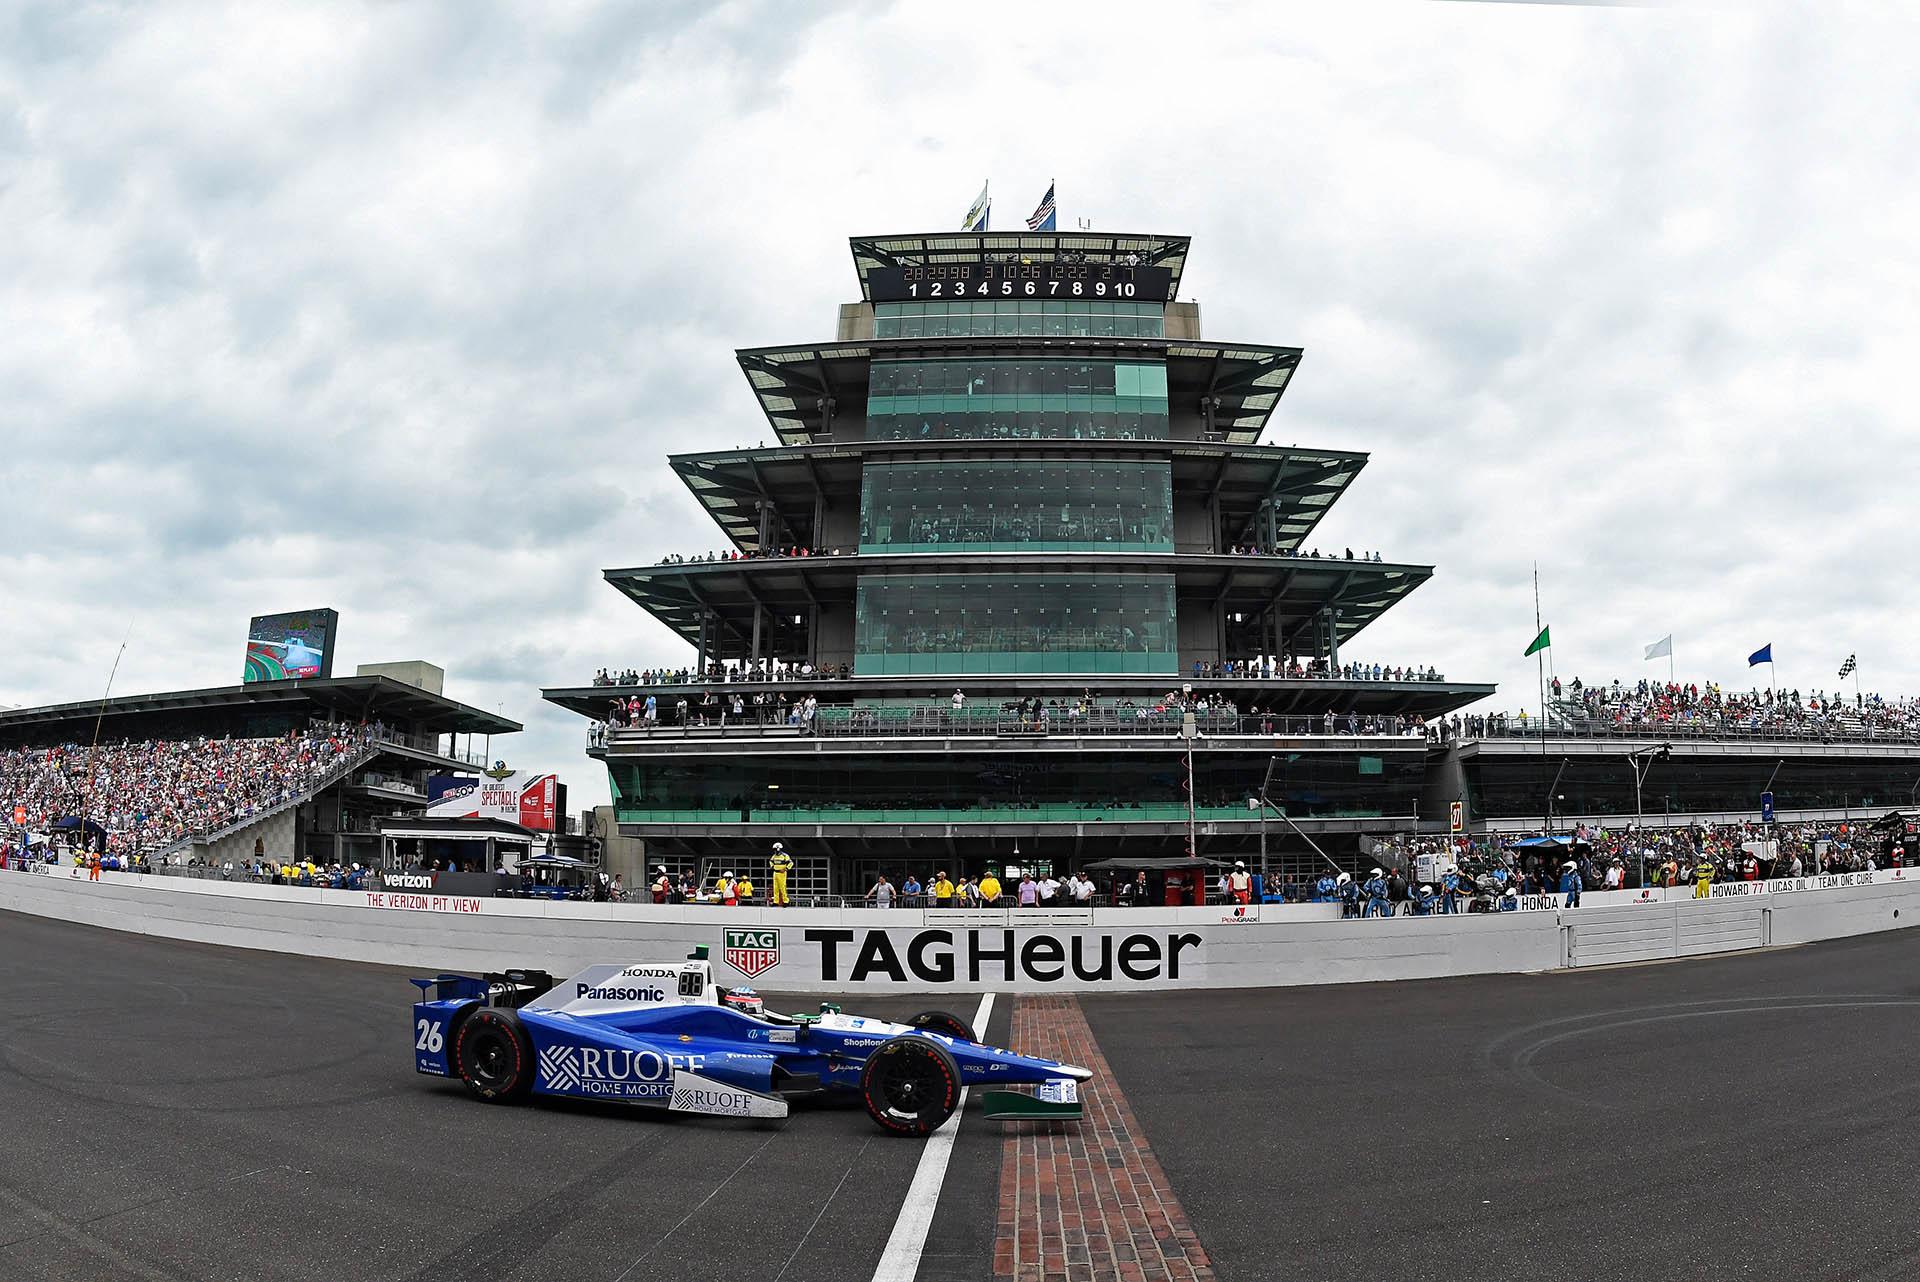 TAG Heuer offizieller Zeitnehmer des Indy 500